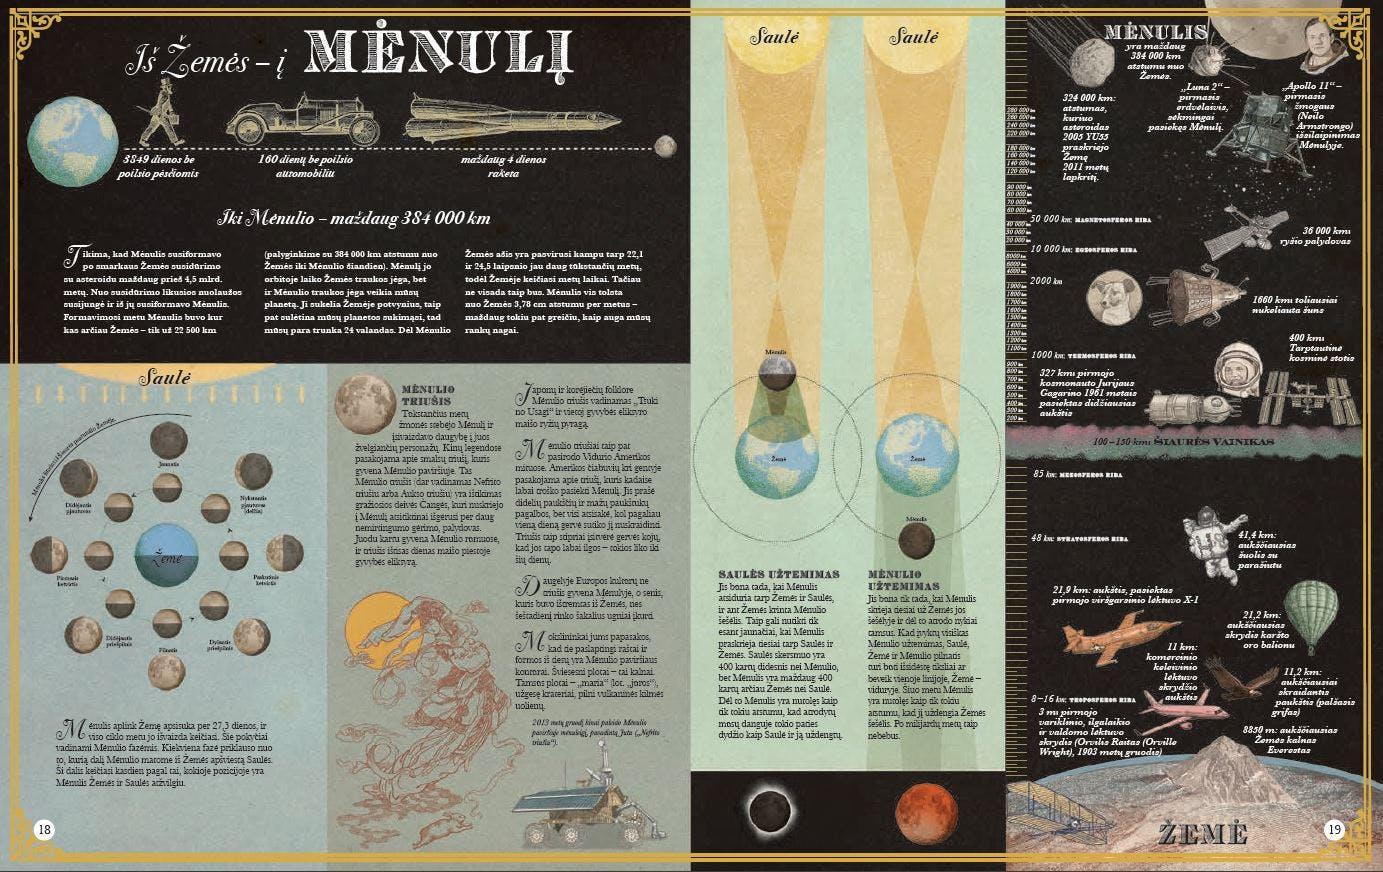 """Enciklopedija """"Didžiulis Kalnas, Bedugnis vandenynas"""". Iš Žemės į Mėnulį"""